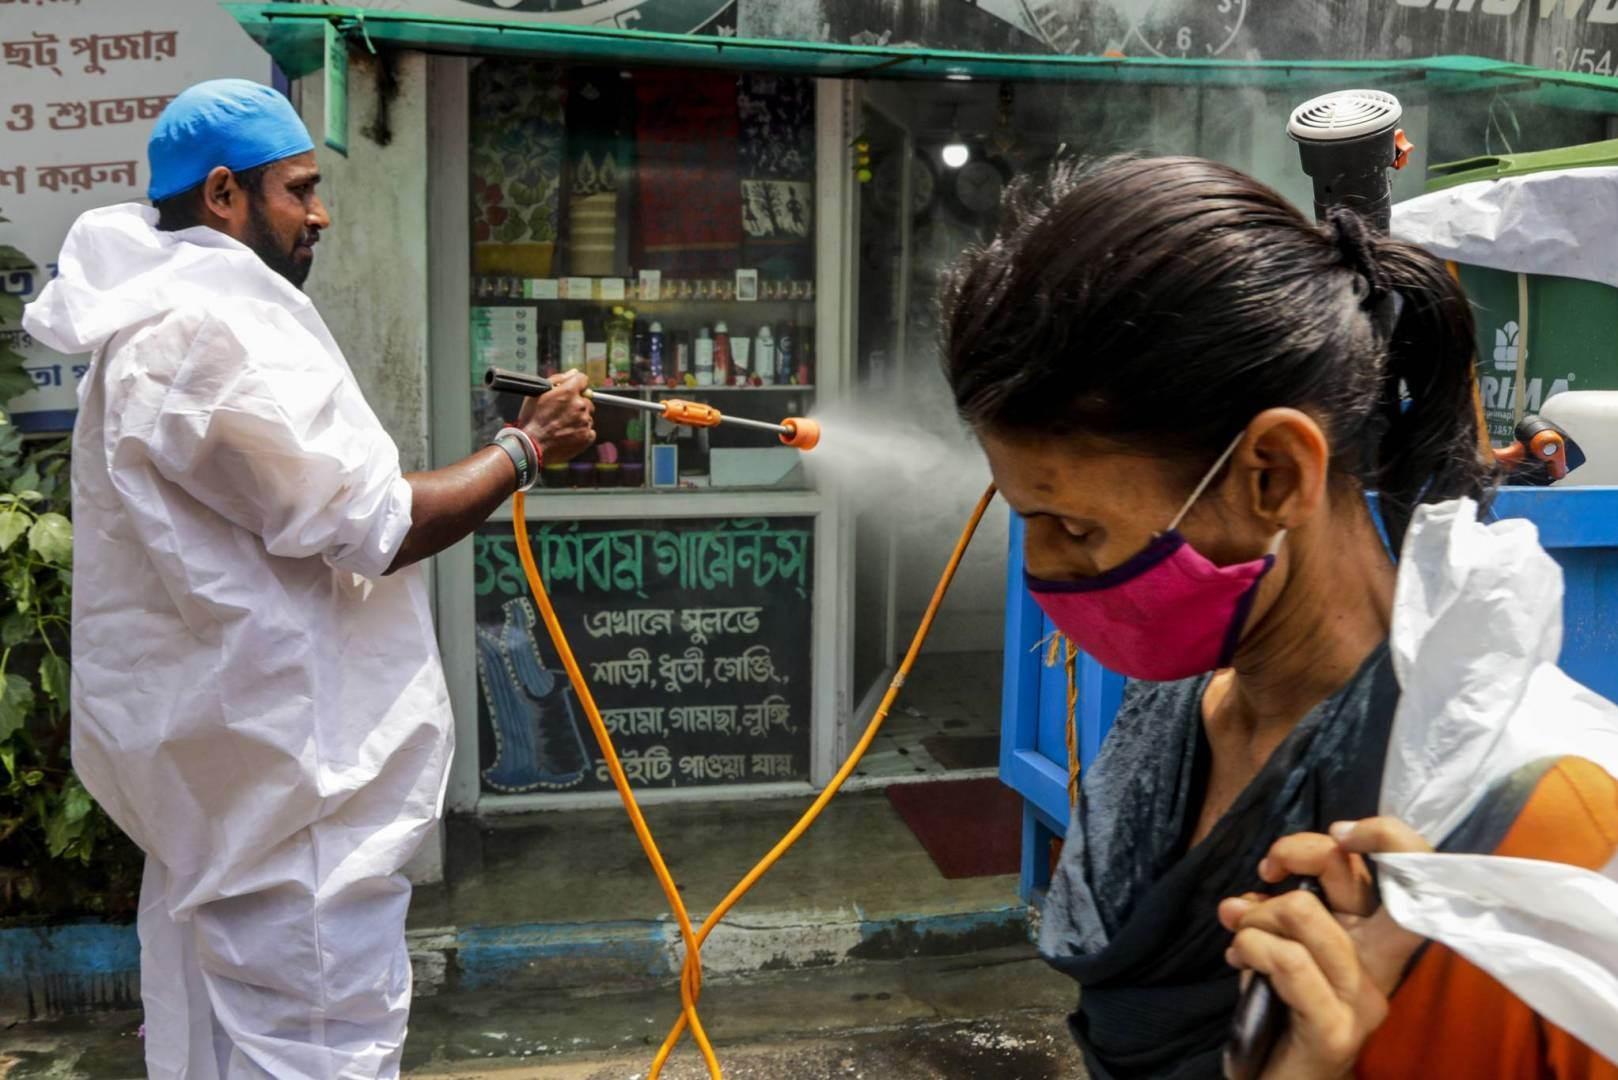 الهند أصبحت ثالث دولة تتجاوز عتبة 4 ملايين إصابة بكورونا